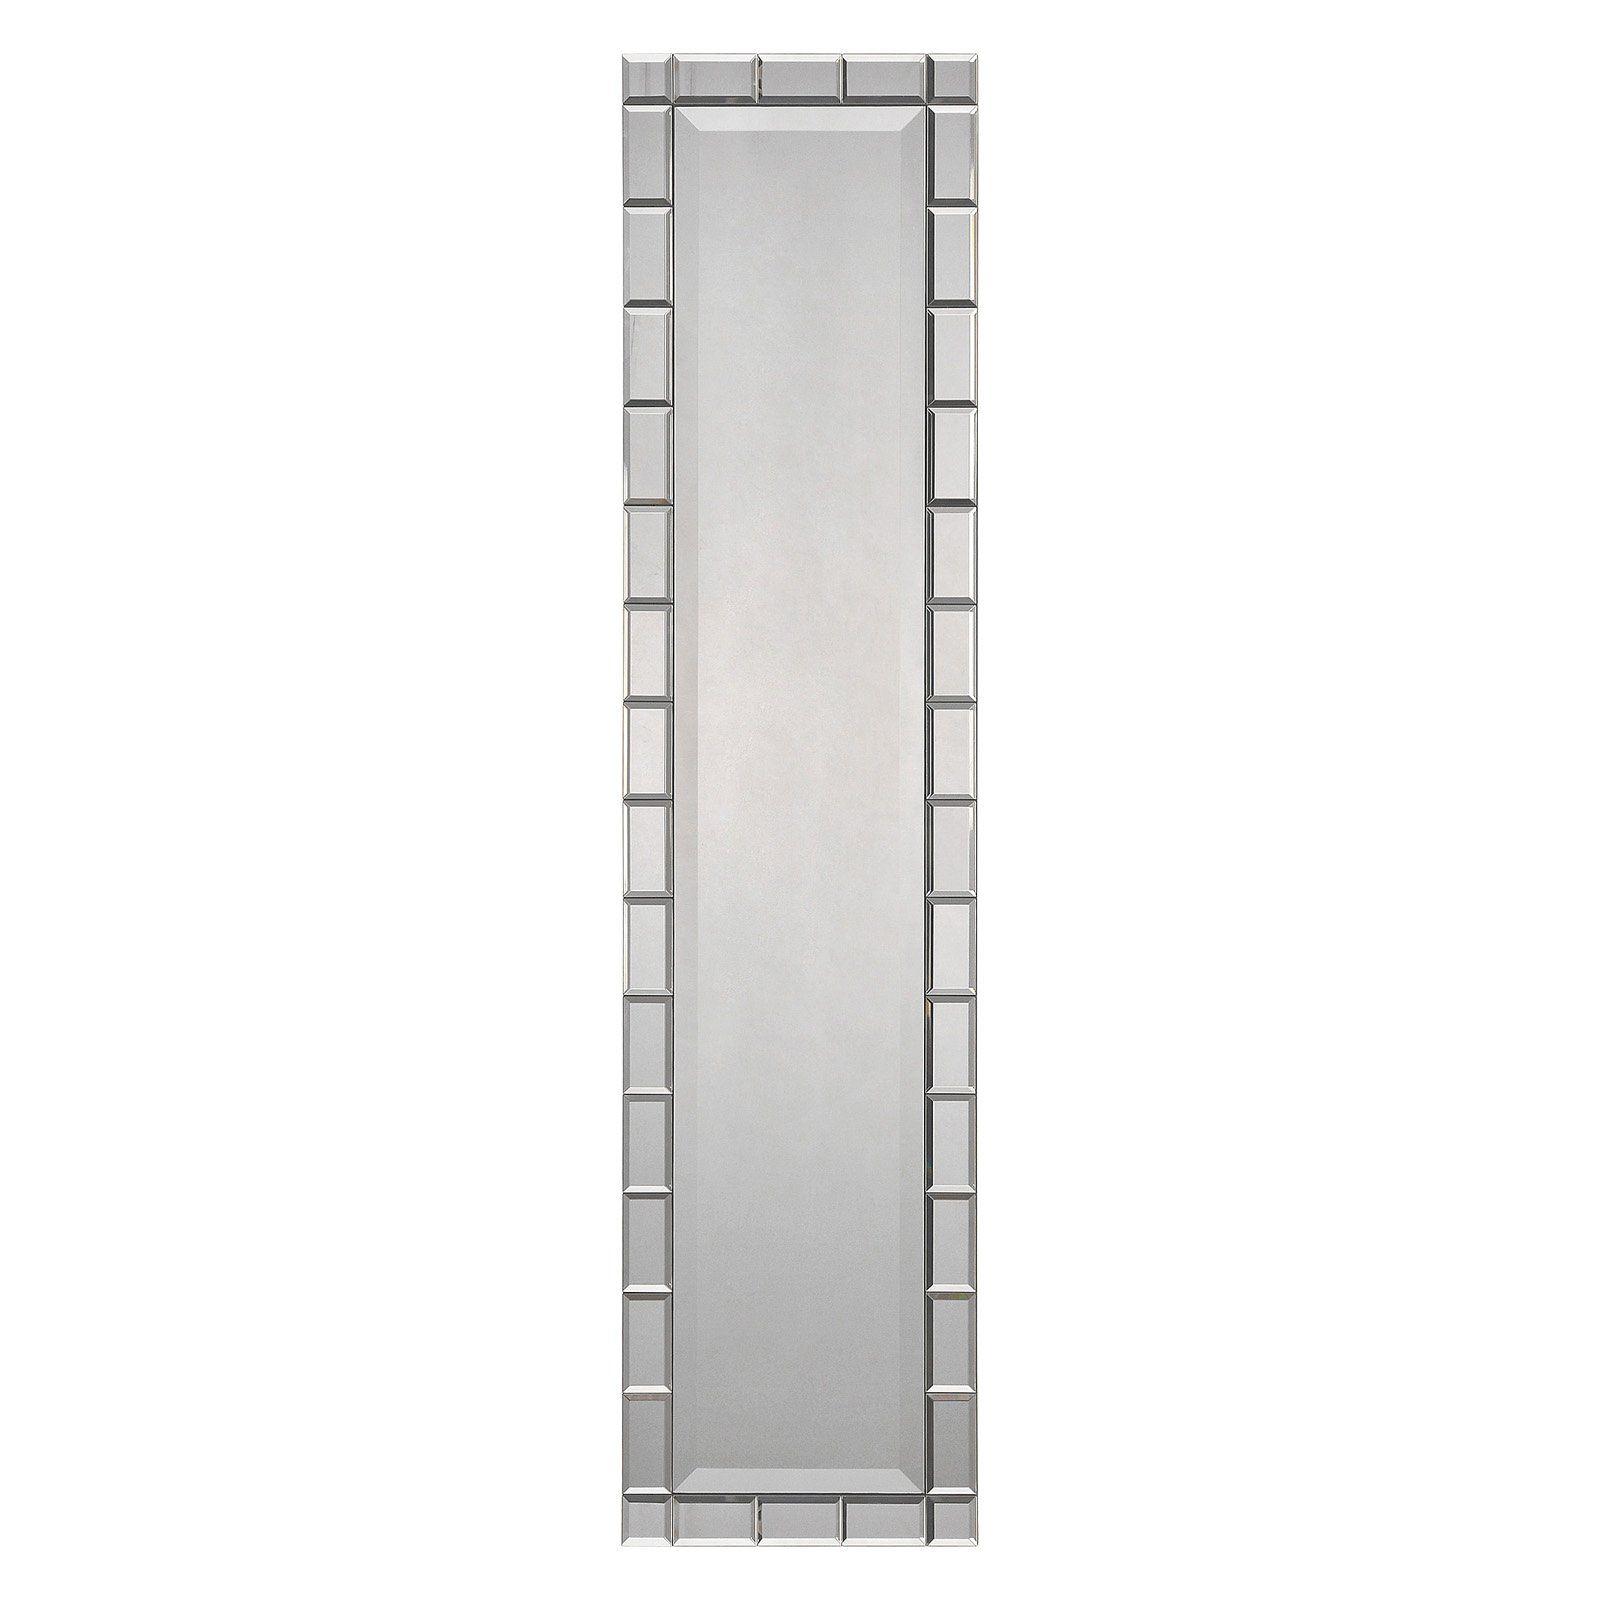 Ren Wil Tall Narrow Wall Mirror 14w X 60h